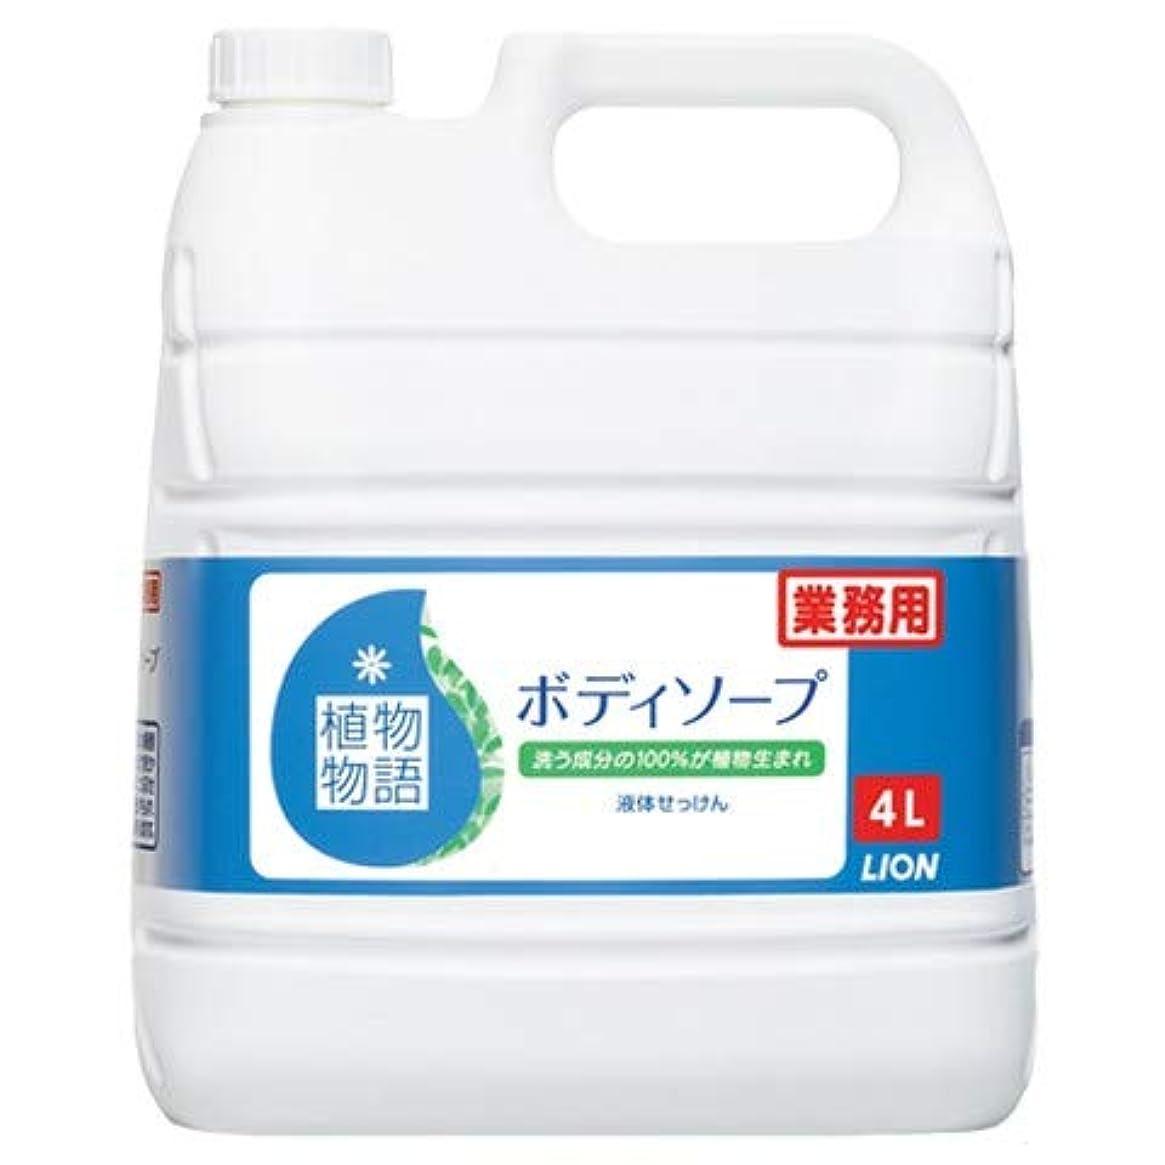 交じる肥料アサーライオン 植物物語ボディソープ 業務用 4L